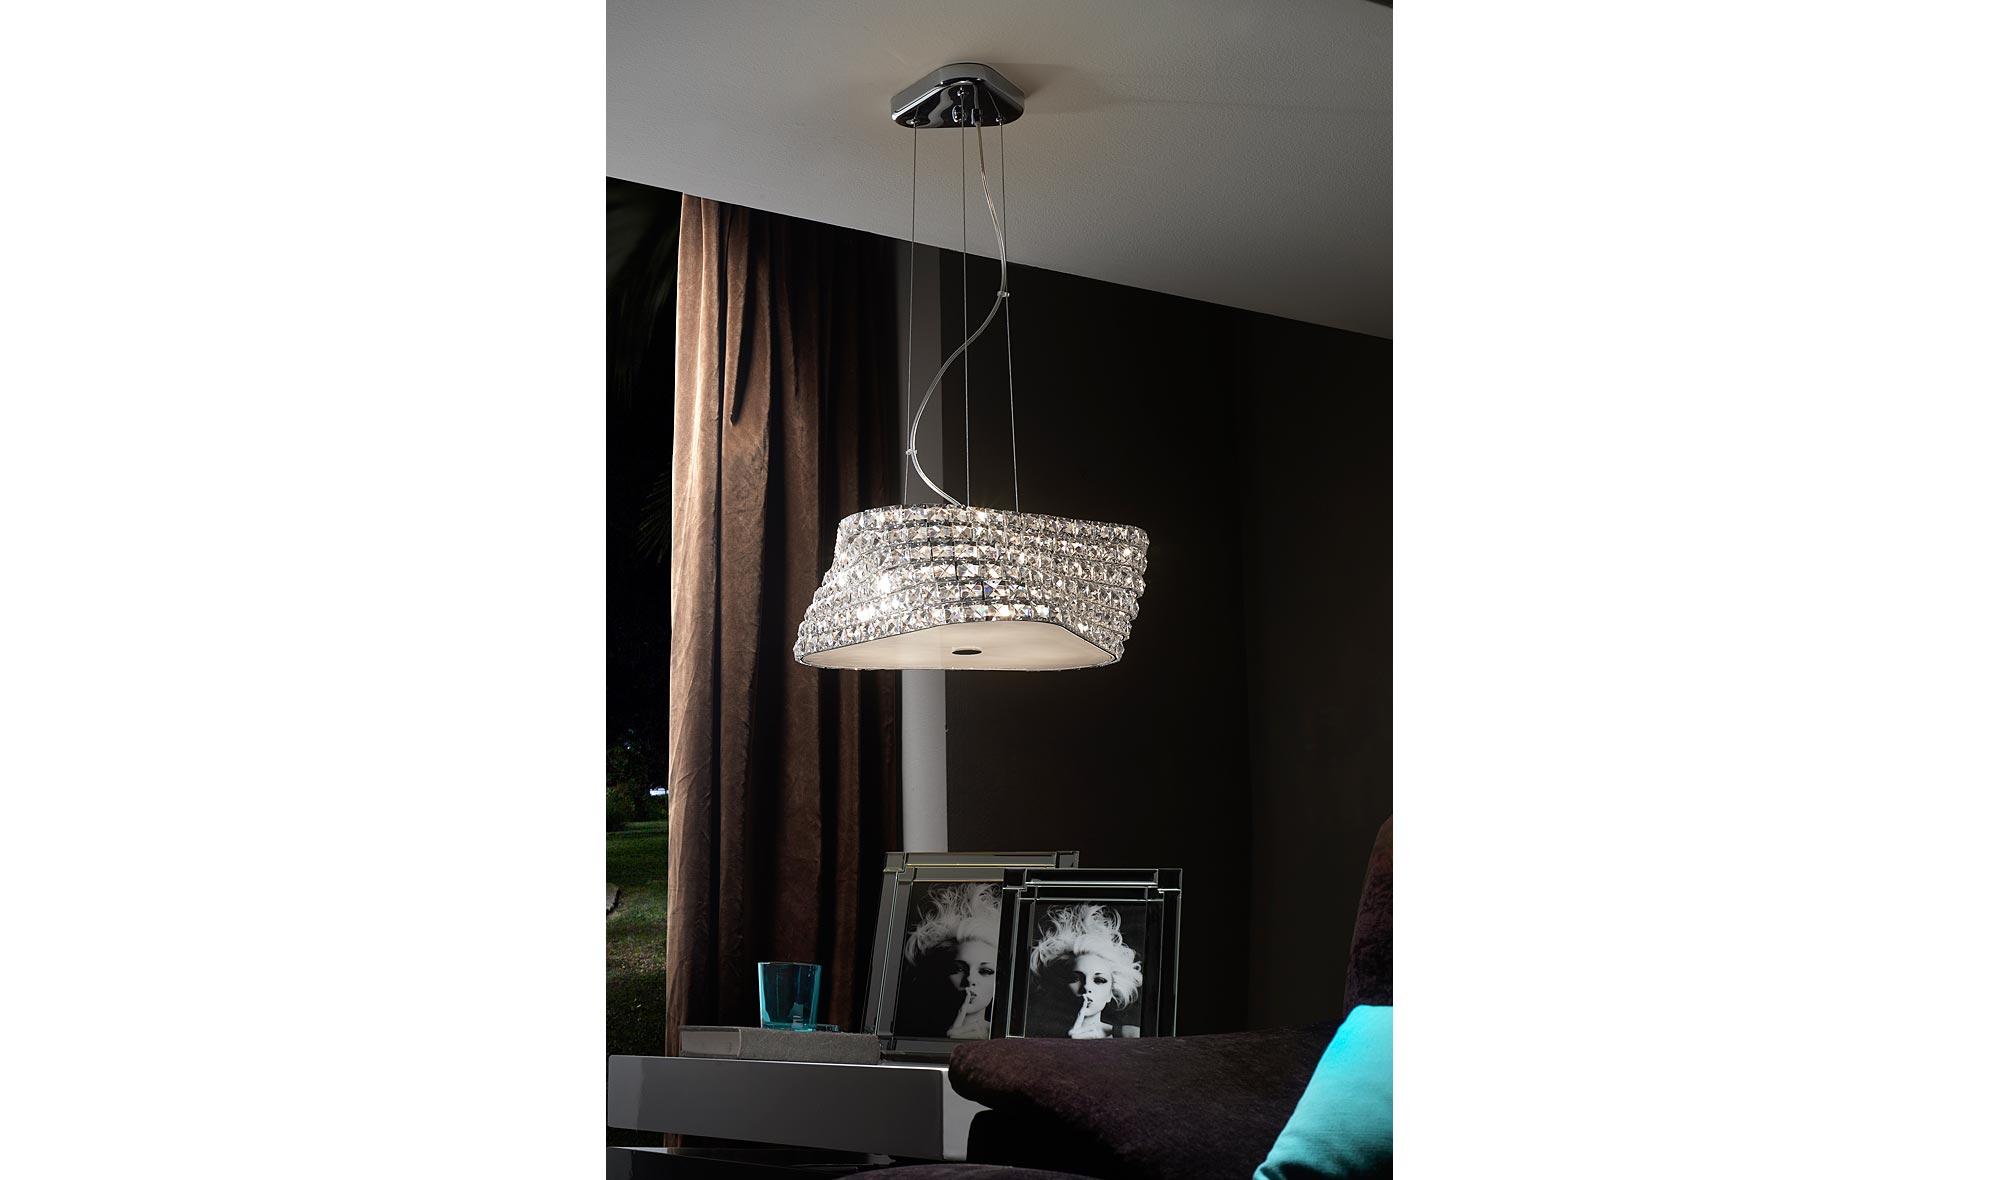 Muebles Martin Peñasco:  Plafón techo Elis 2 - Apliques y Plafones - Iluminación